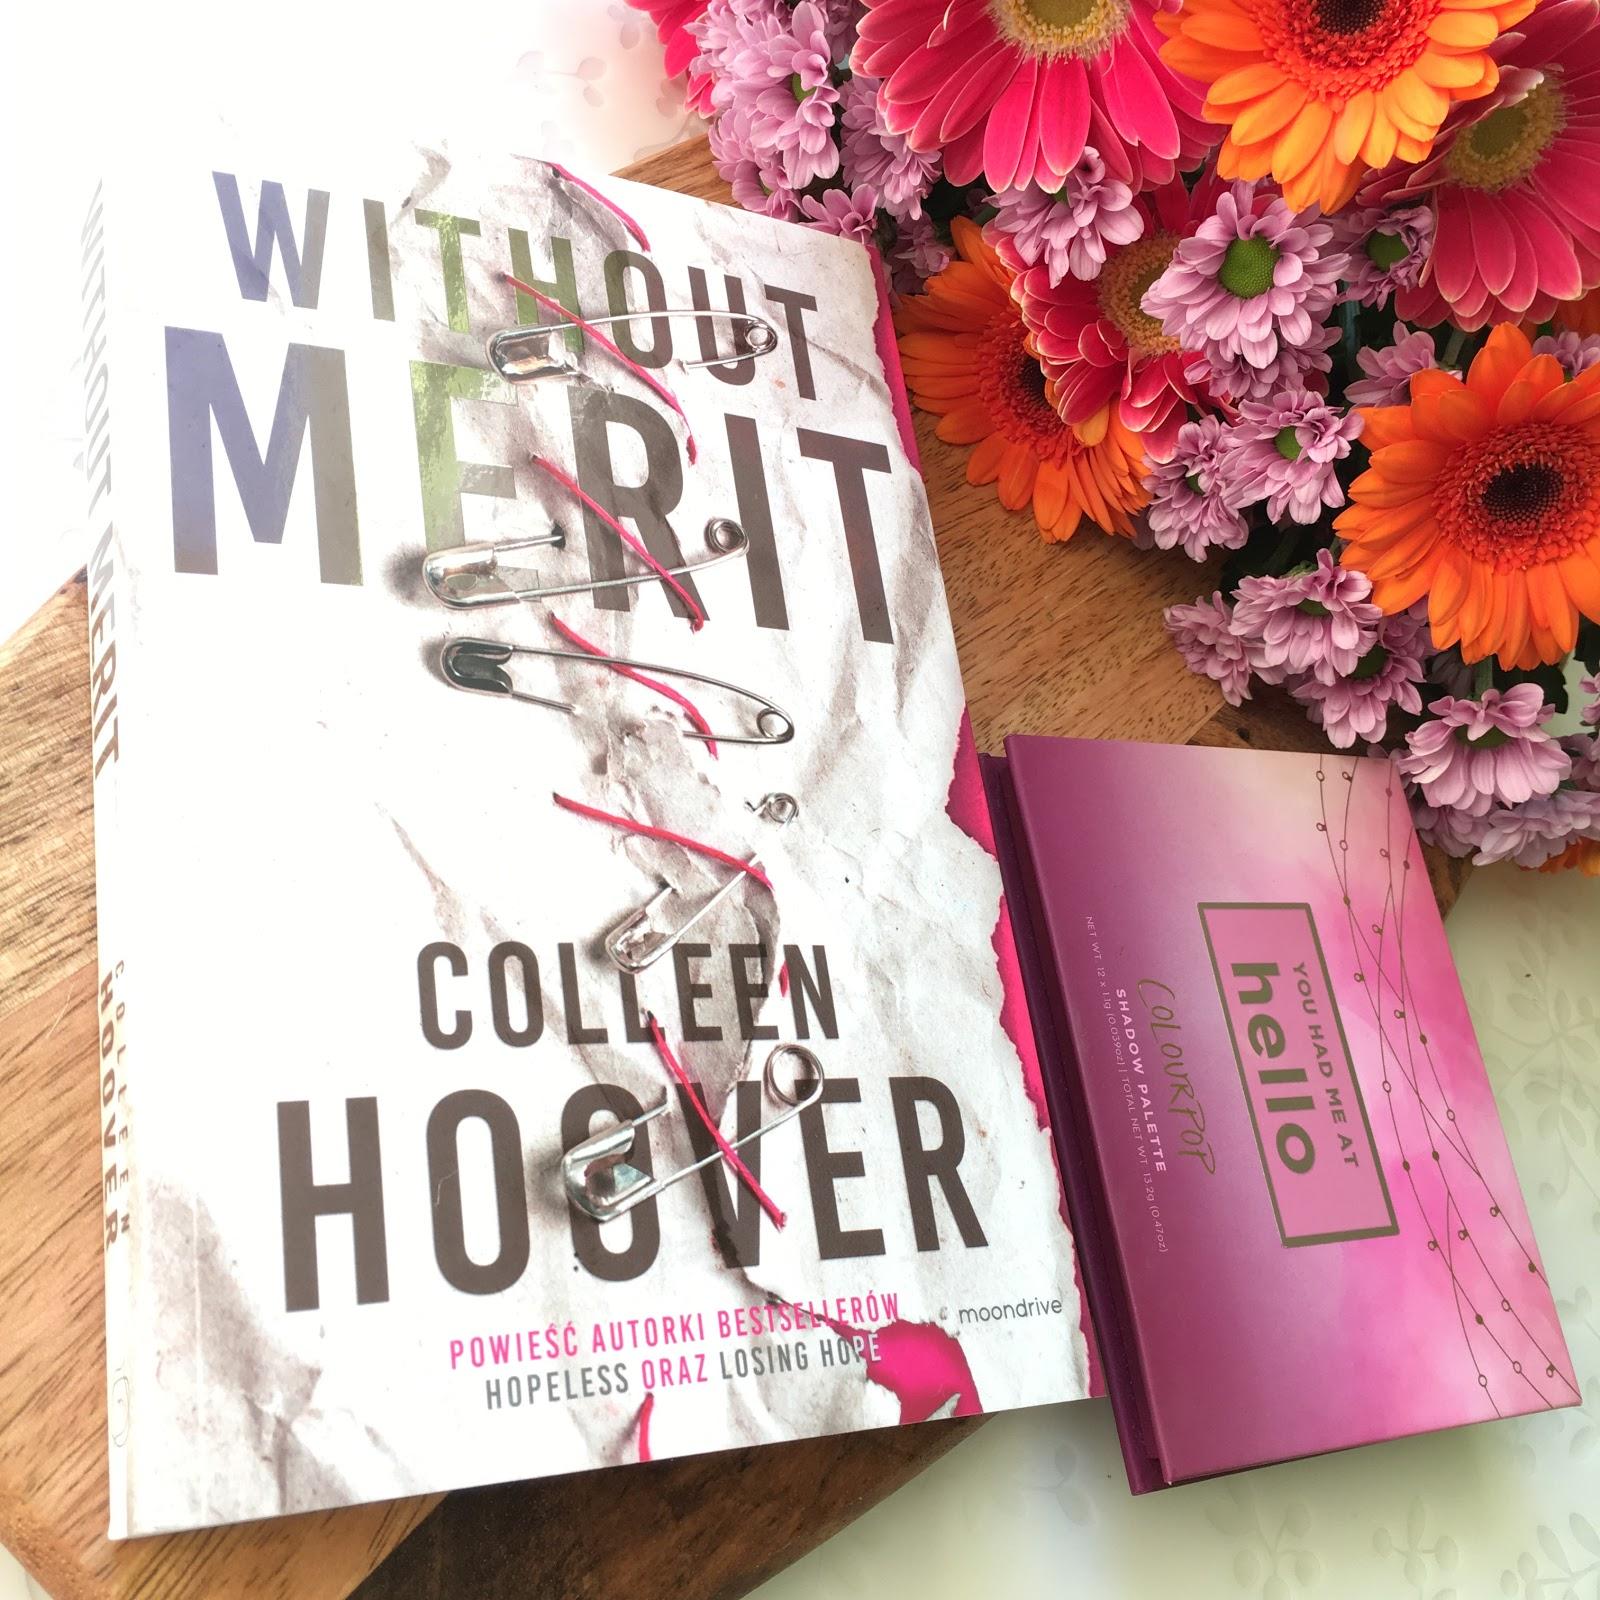 Najnowsza książka Colleen Hoover, czyli Without Merit, która miała premierę 20.06.2018 i moje wrażenia na jej temat.